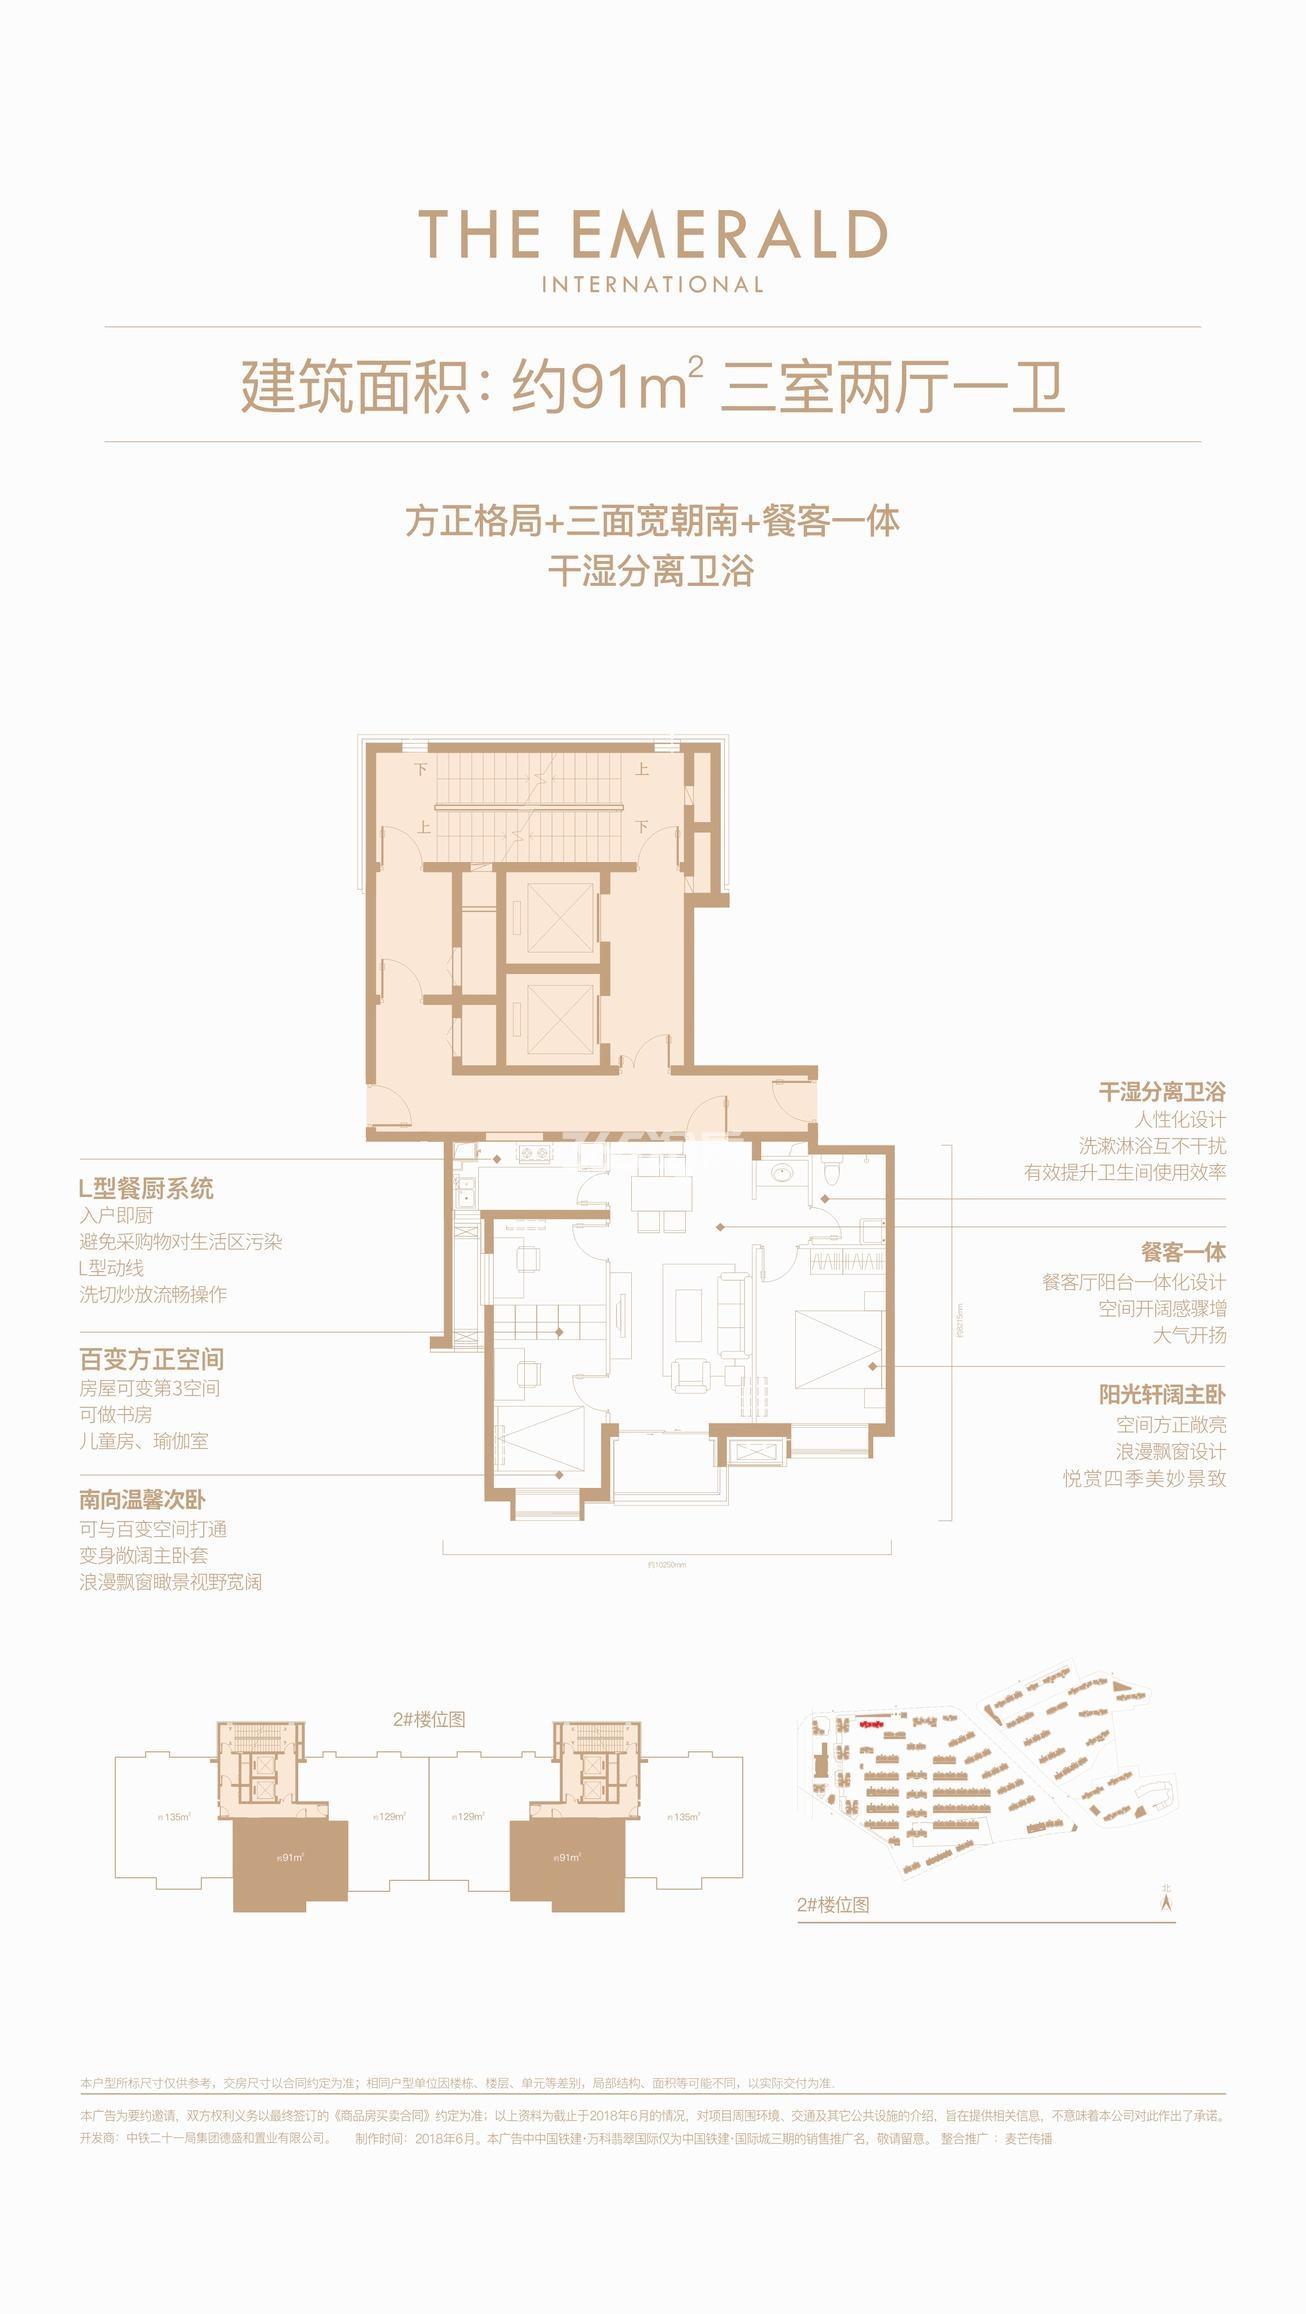 中国铁建万科翡翠国际91㎡三室两厅一卫户型户型图